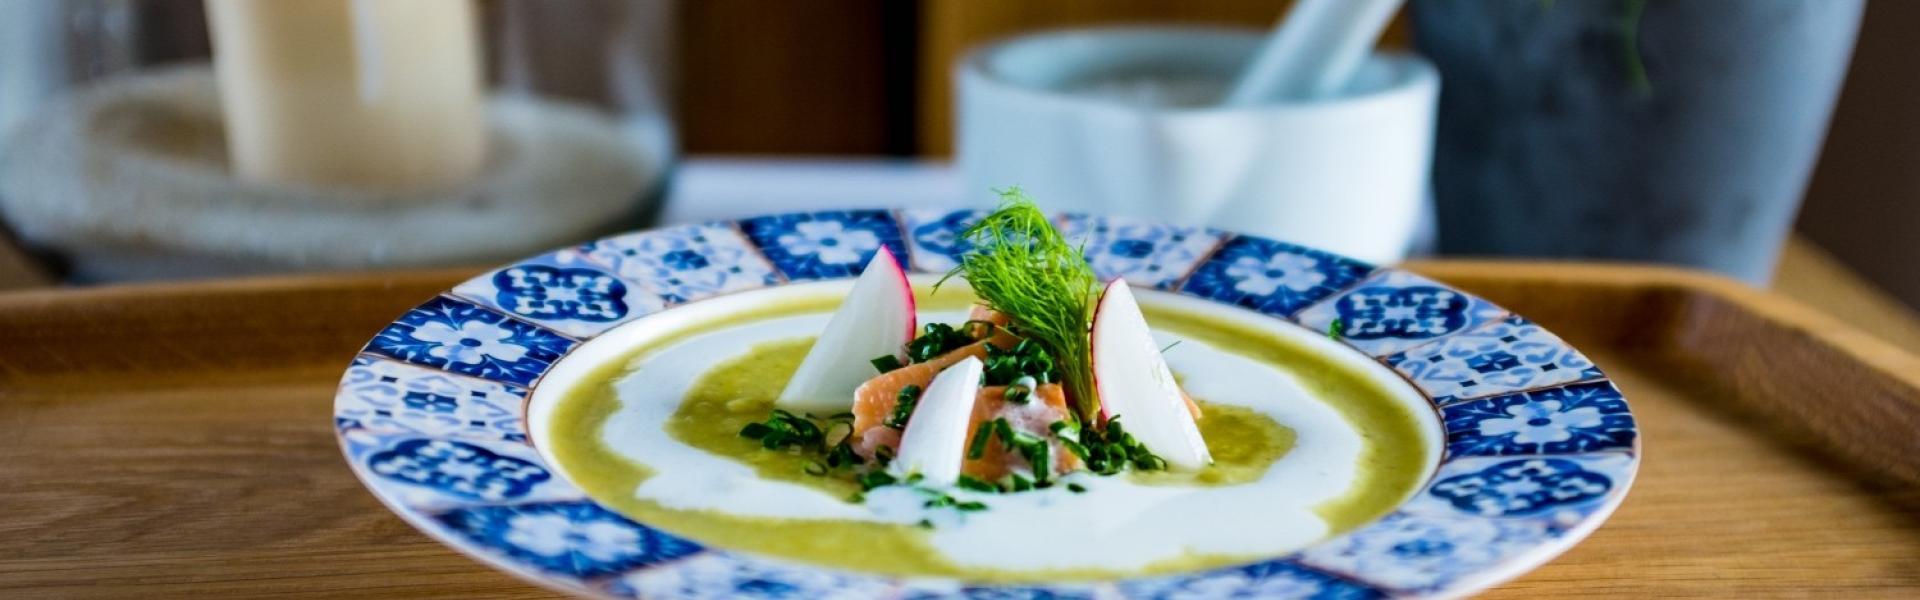 Kartoffelsuppe mit Lachs, Sahne und Dill dekoriert.